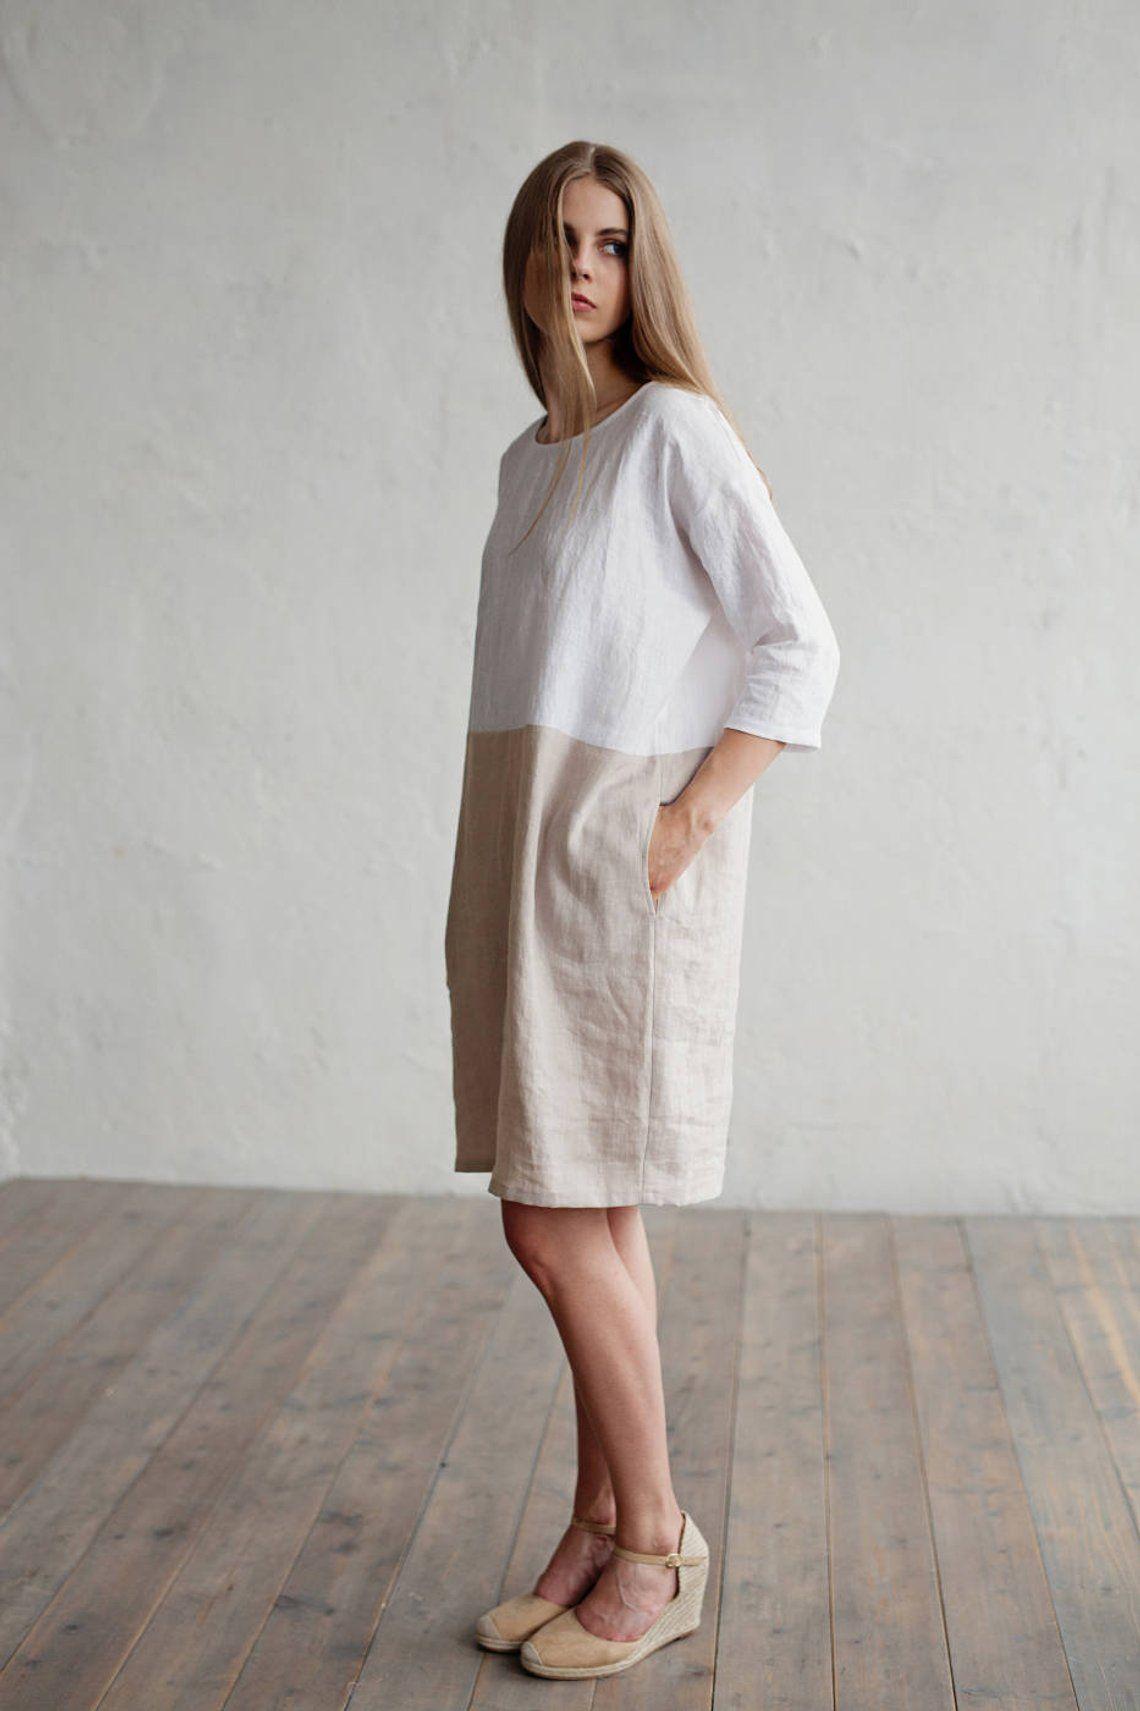 Fonkelnieuw Kleur blok linnen jurk ADRIA. Witte en natuurlijke linnen kleuren NI-73